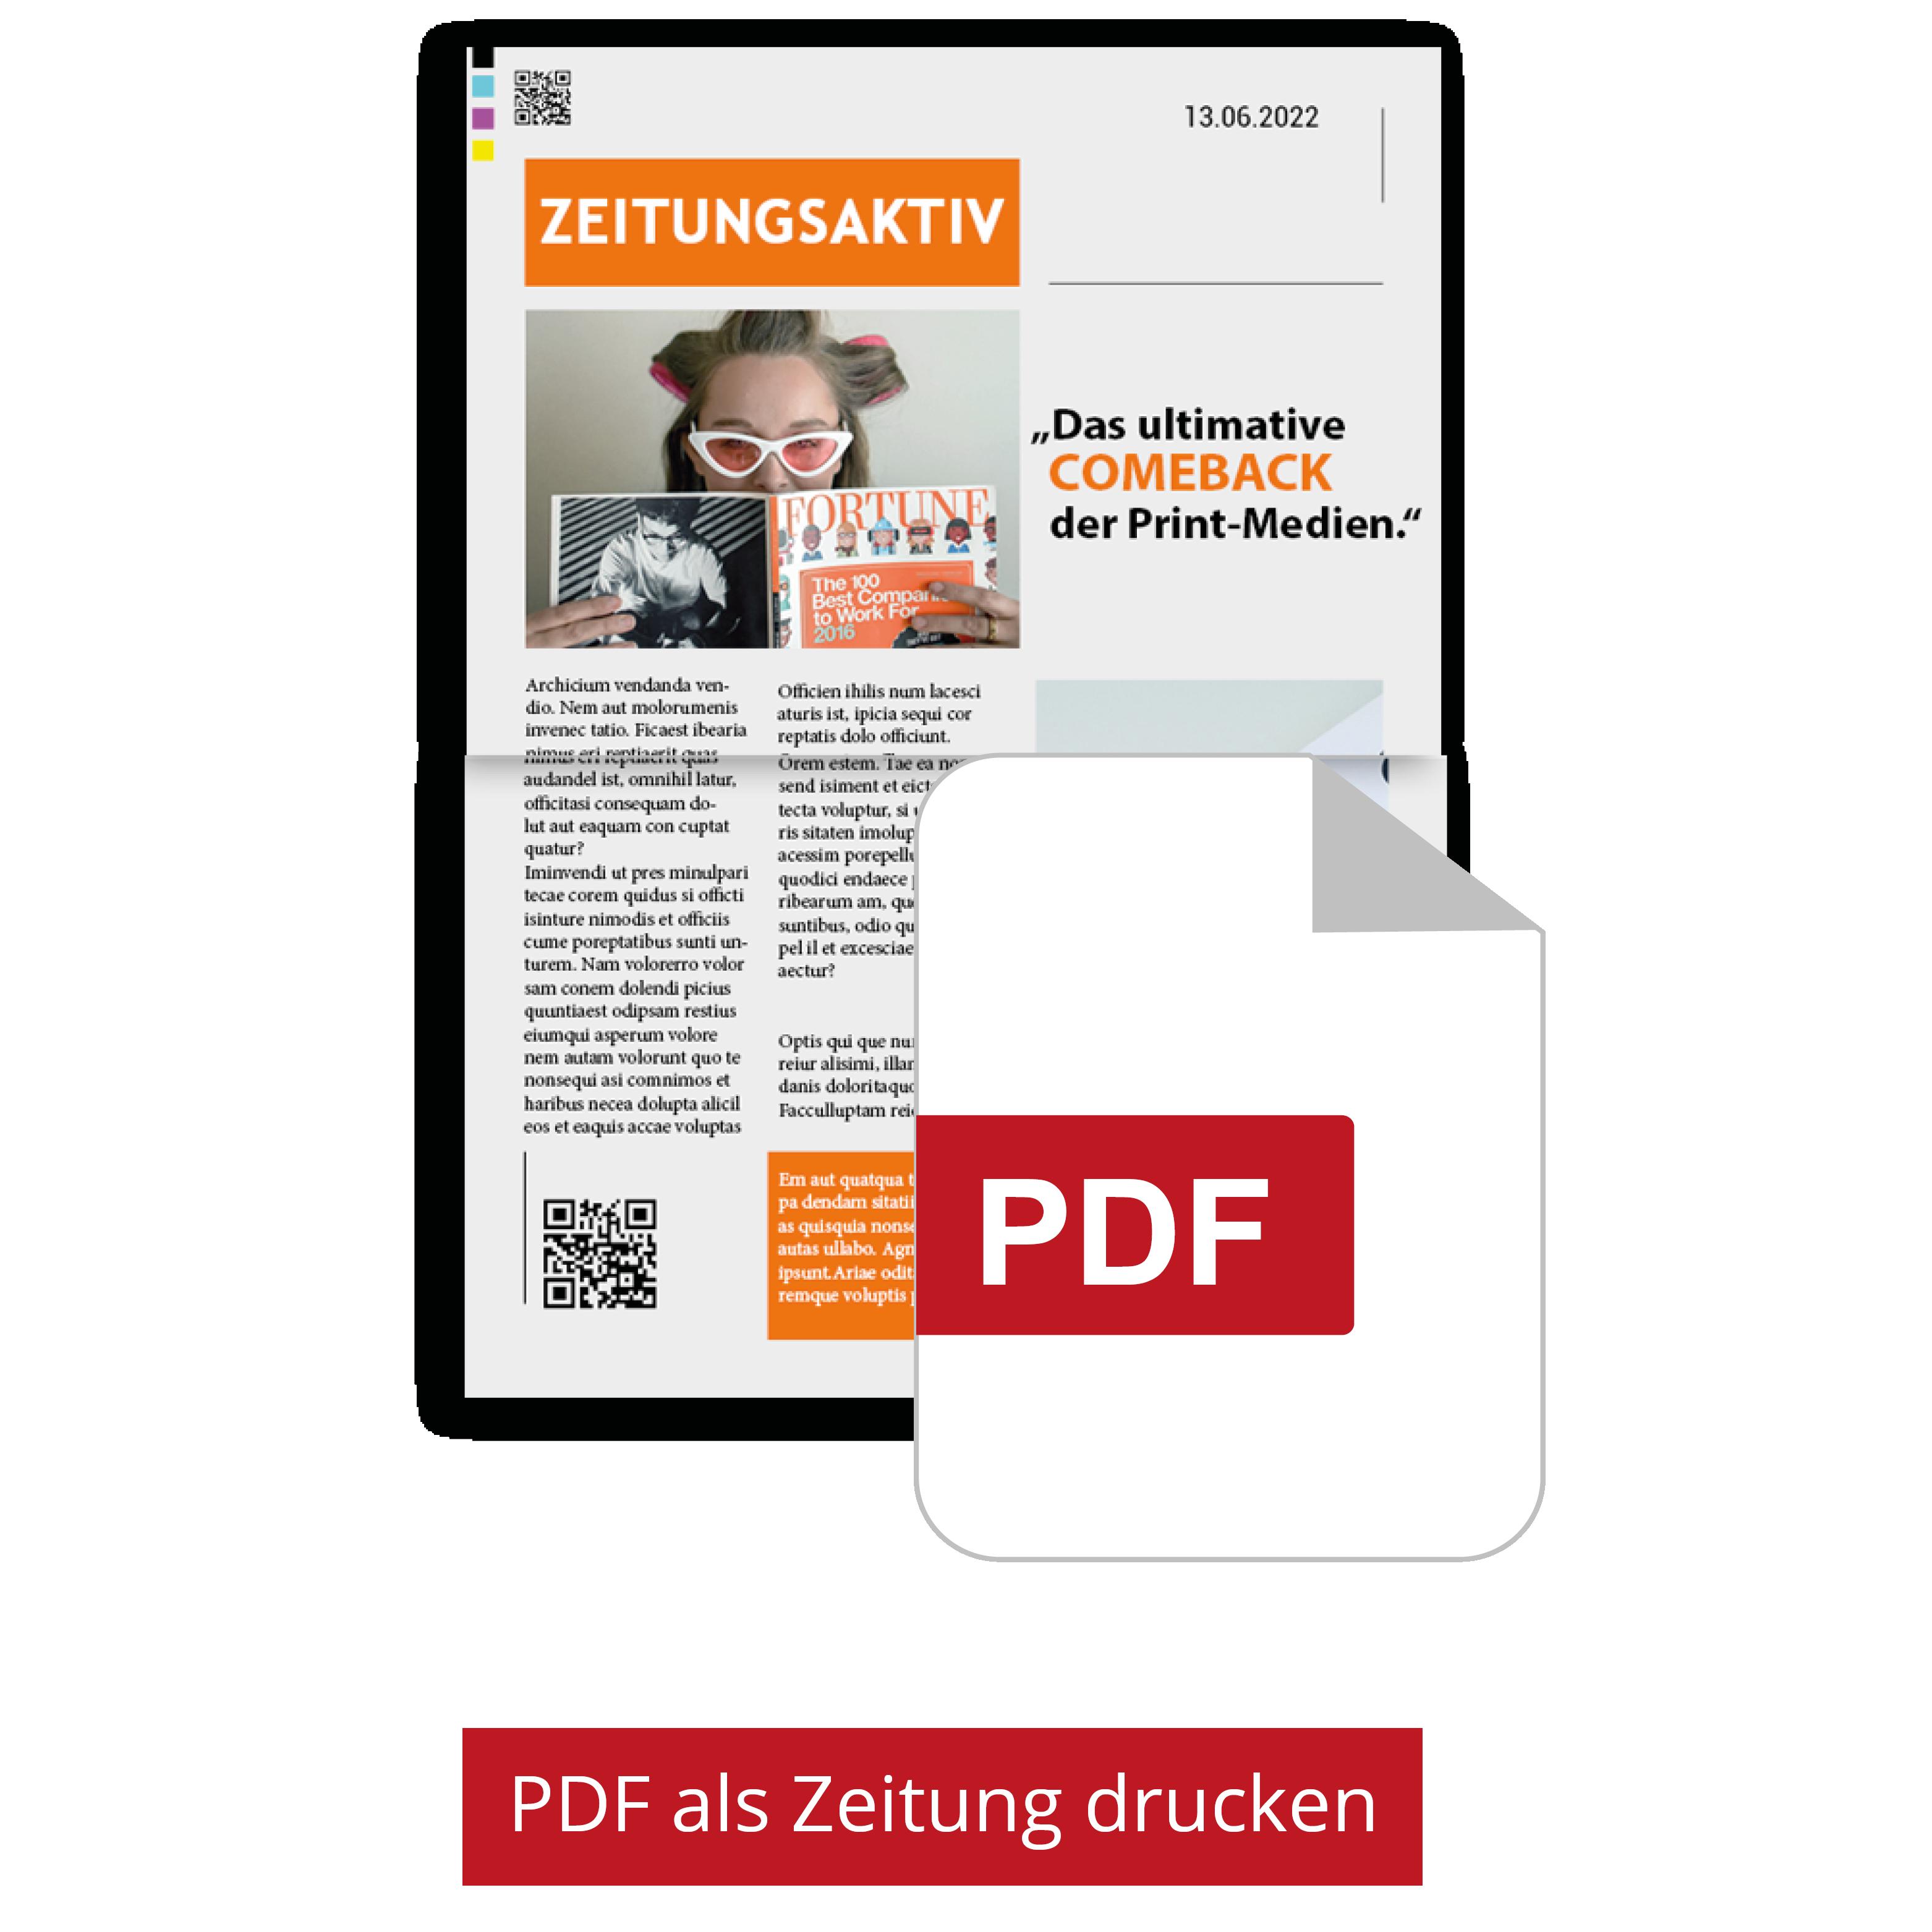 Eigene PDF als echte Zeitung drucken lassen